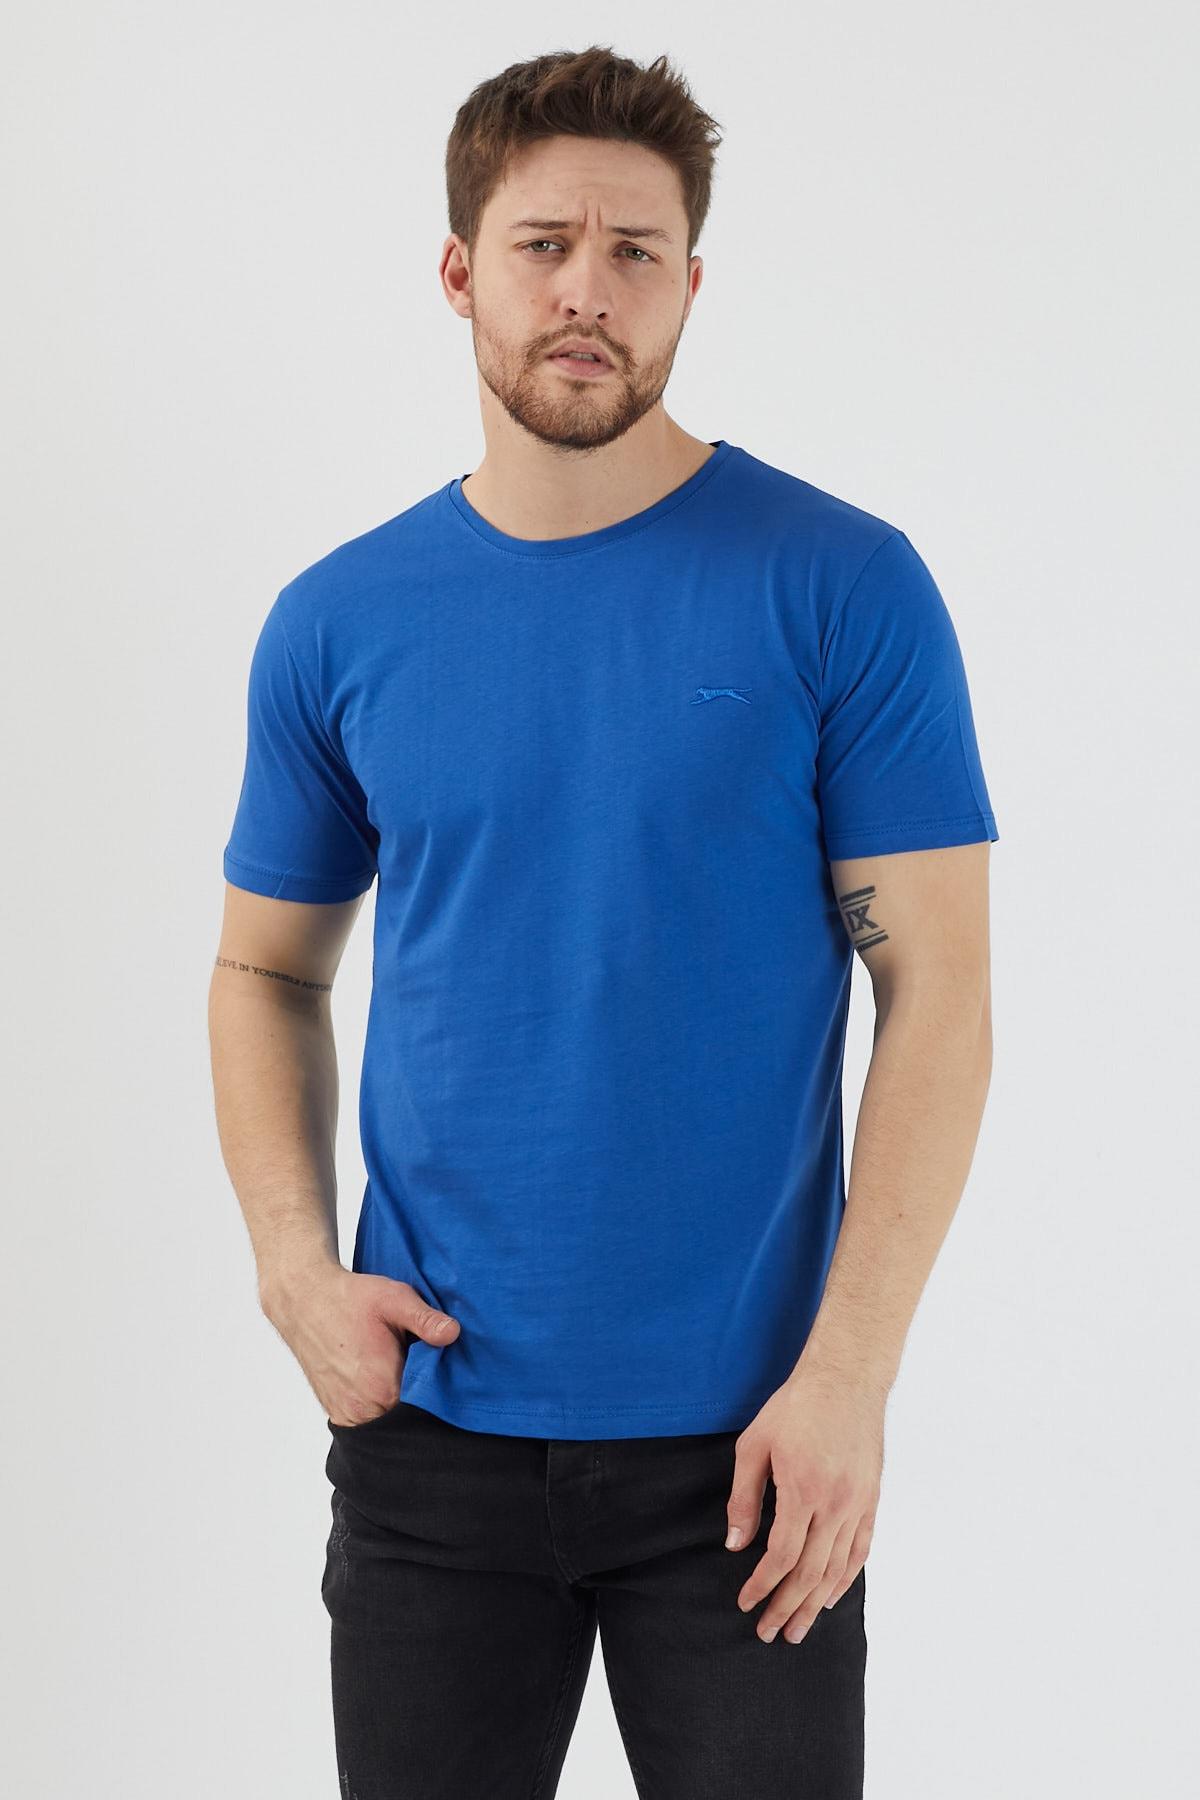 Slazenger SANDER Erkek T-Shirt Saks Mavi ST11TE083